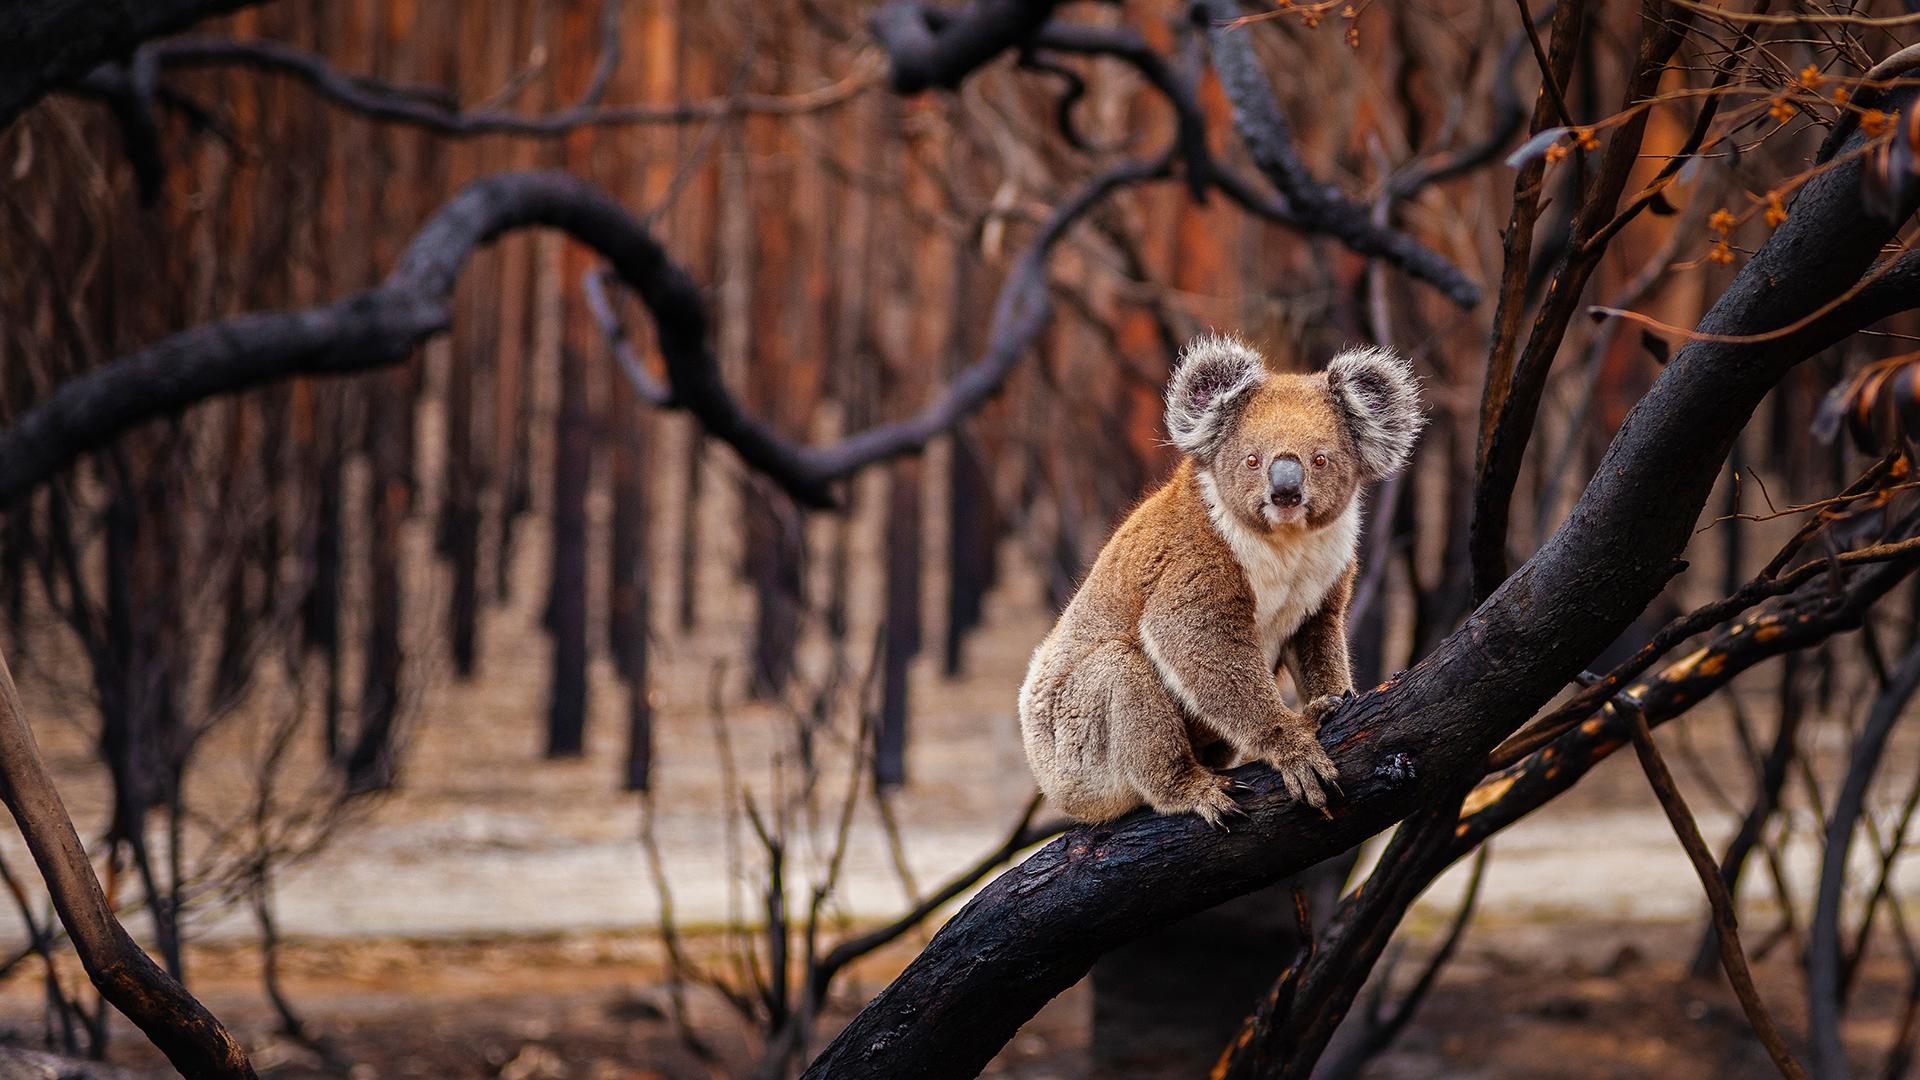 In Australien werden aktuell die Auswirkungen der Klimakrise auf Mensch und Tier sichtbar. © Julie Fletcher / WWF Australien